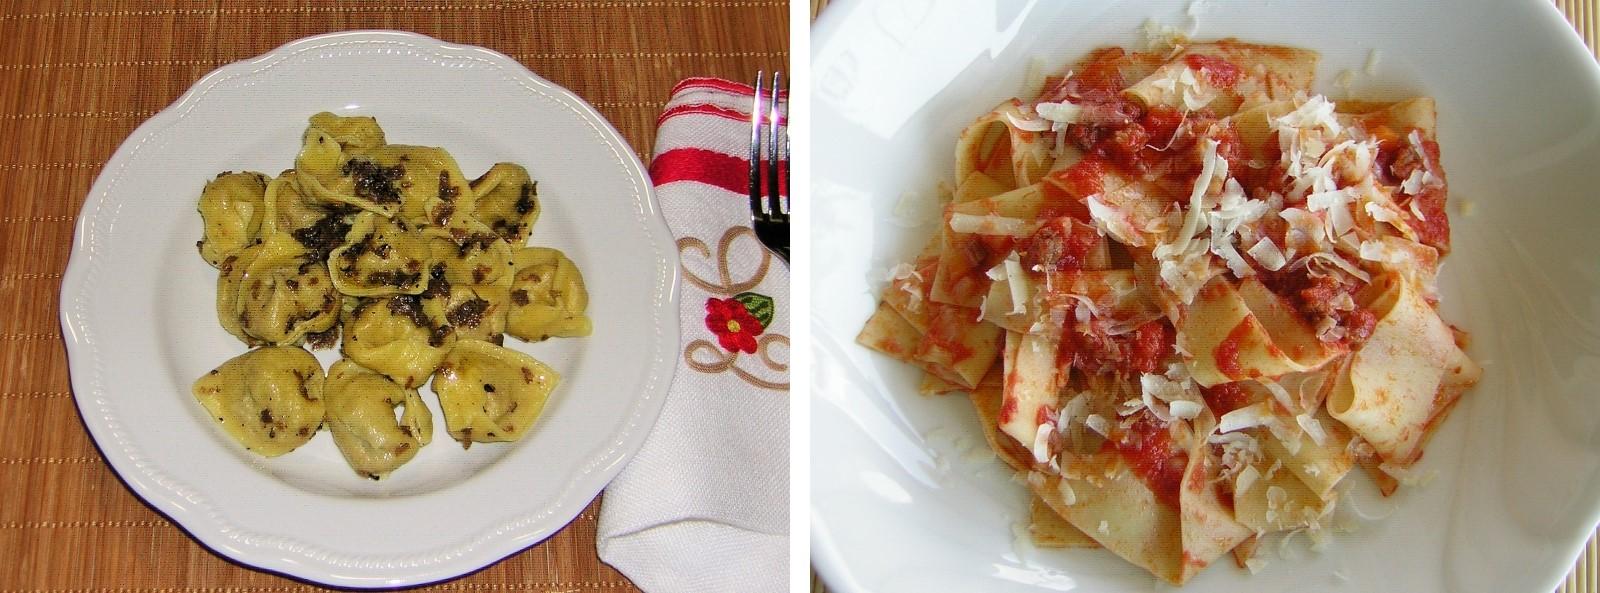 primi piatti per Natale - 2